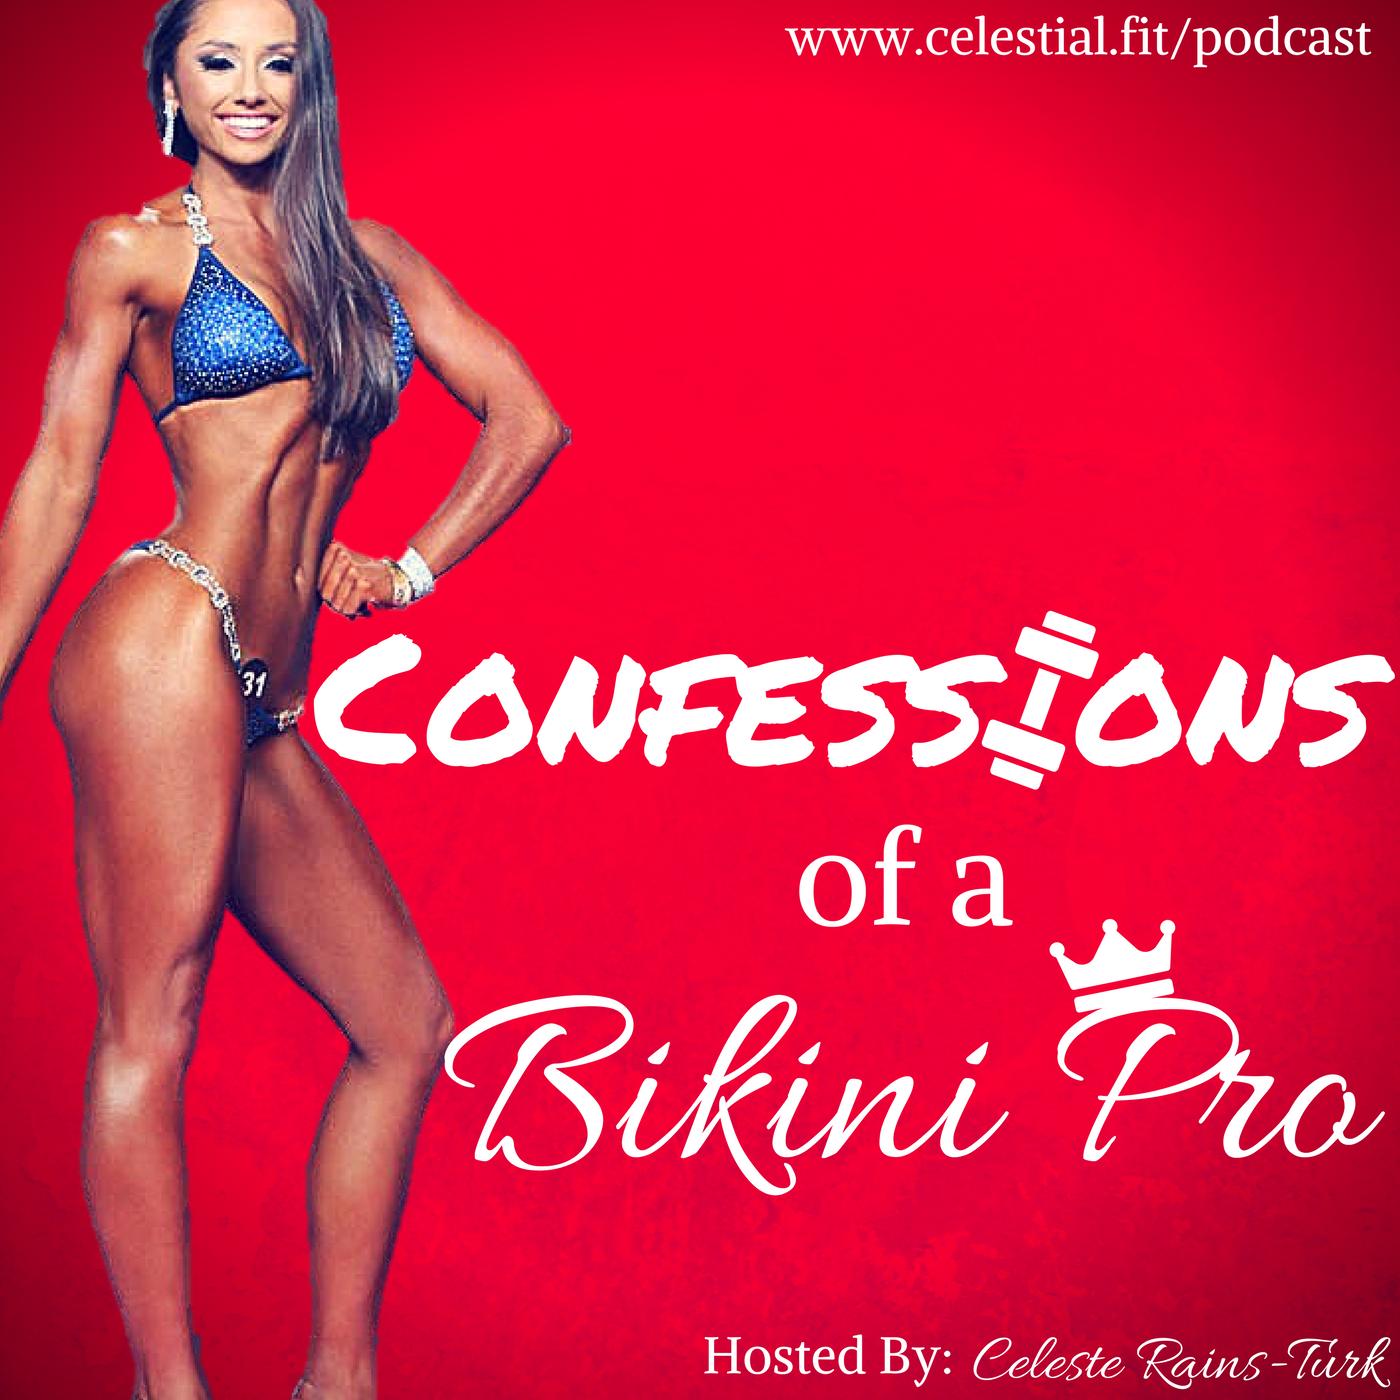 Confessions of a Bikini Pro show art